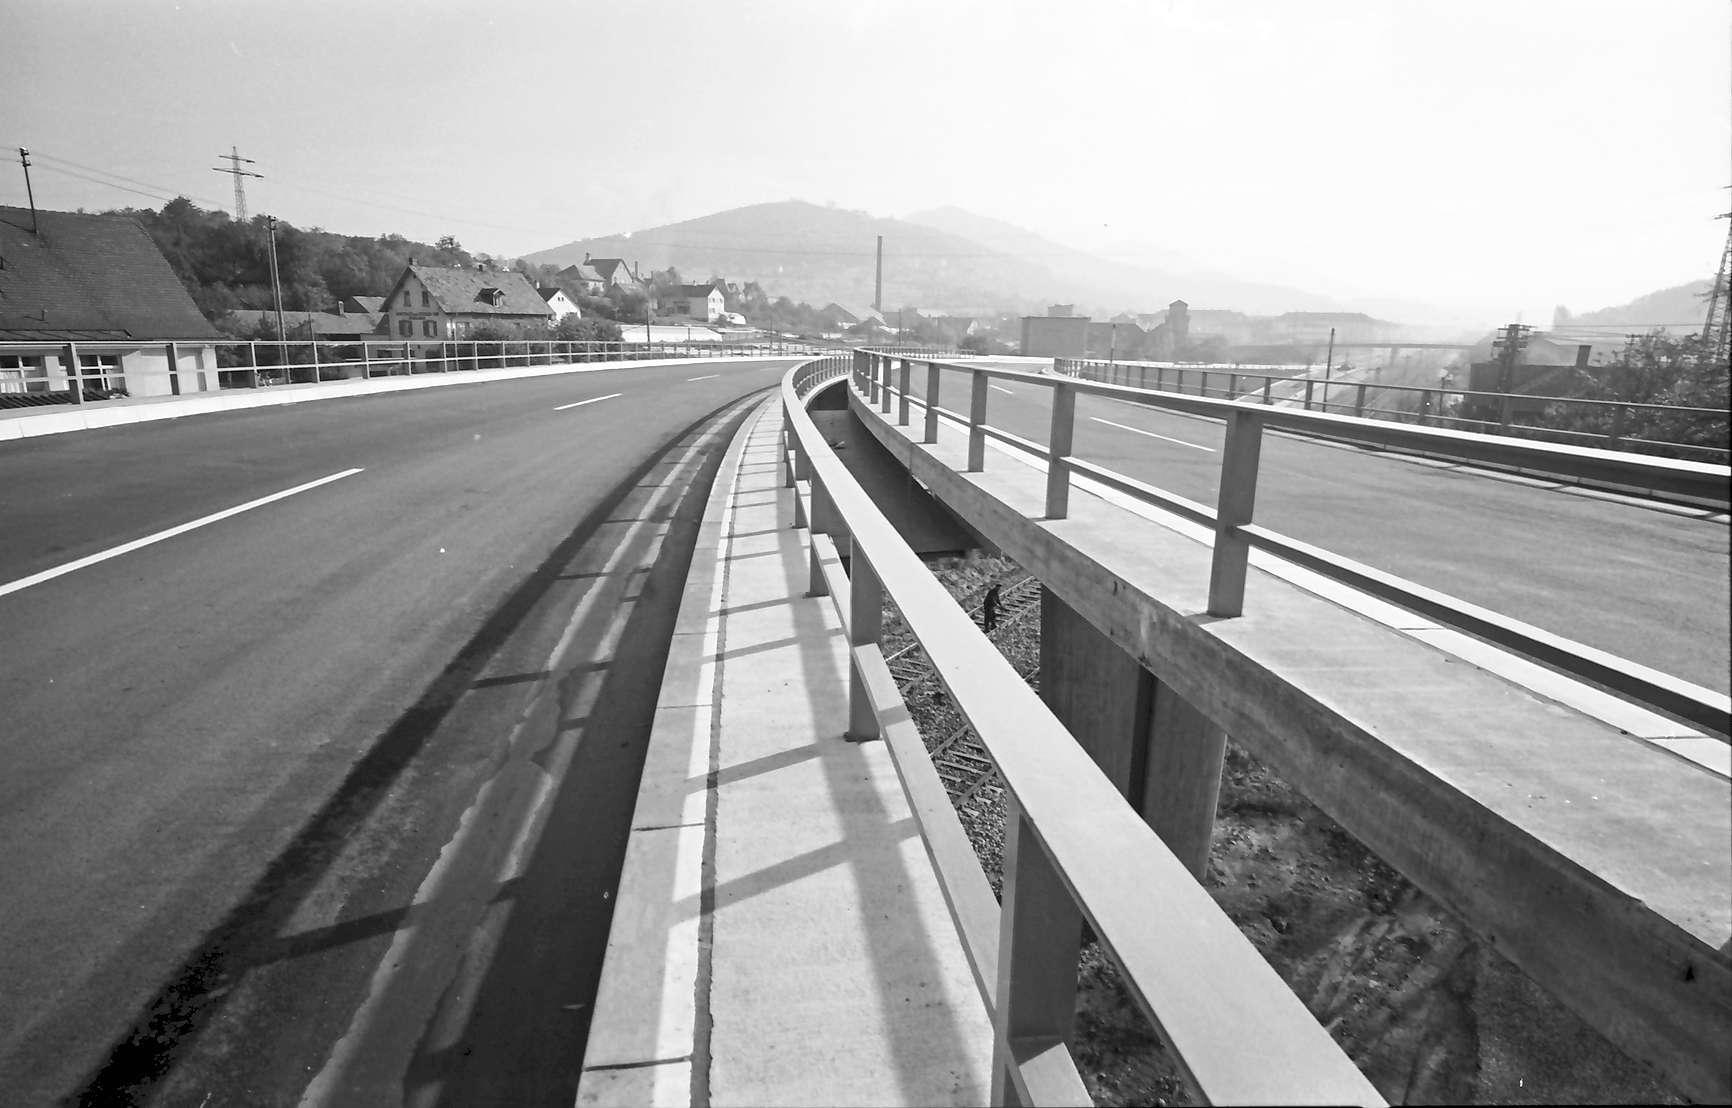 Baden-Oos: Autobahnzubringer; mit Spalt zwischen den Fahrbahnen, Bild 1